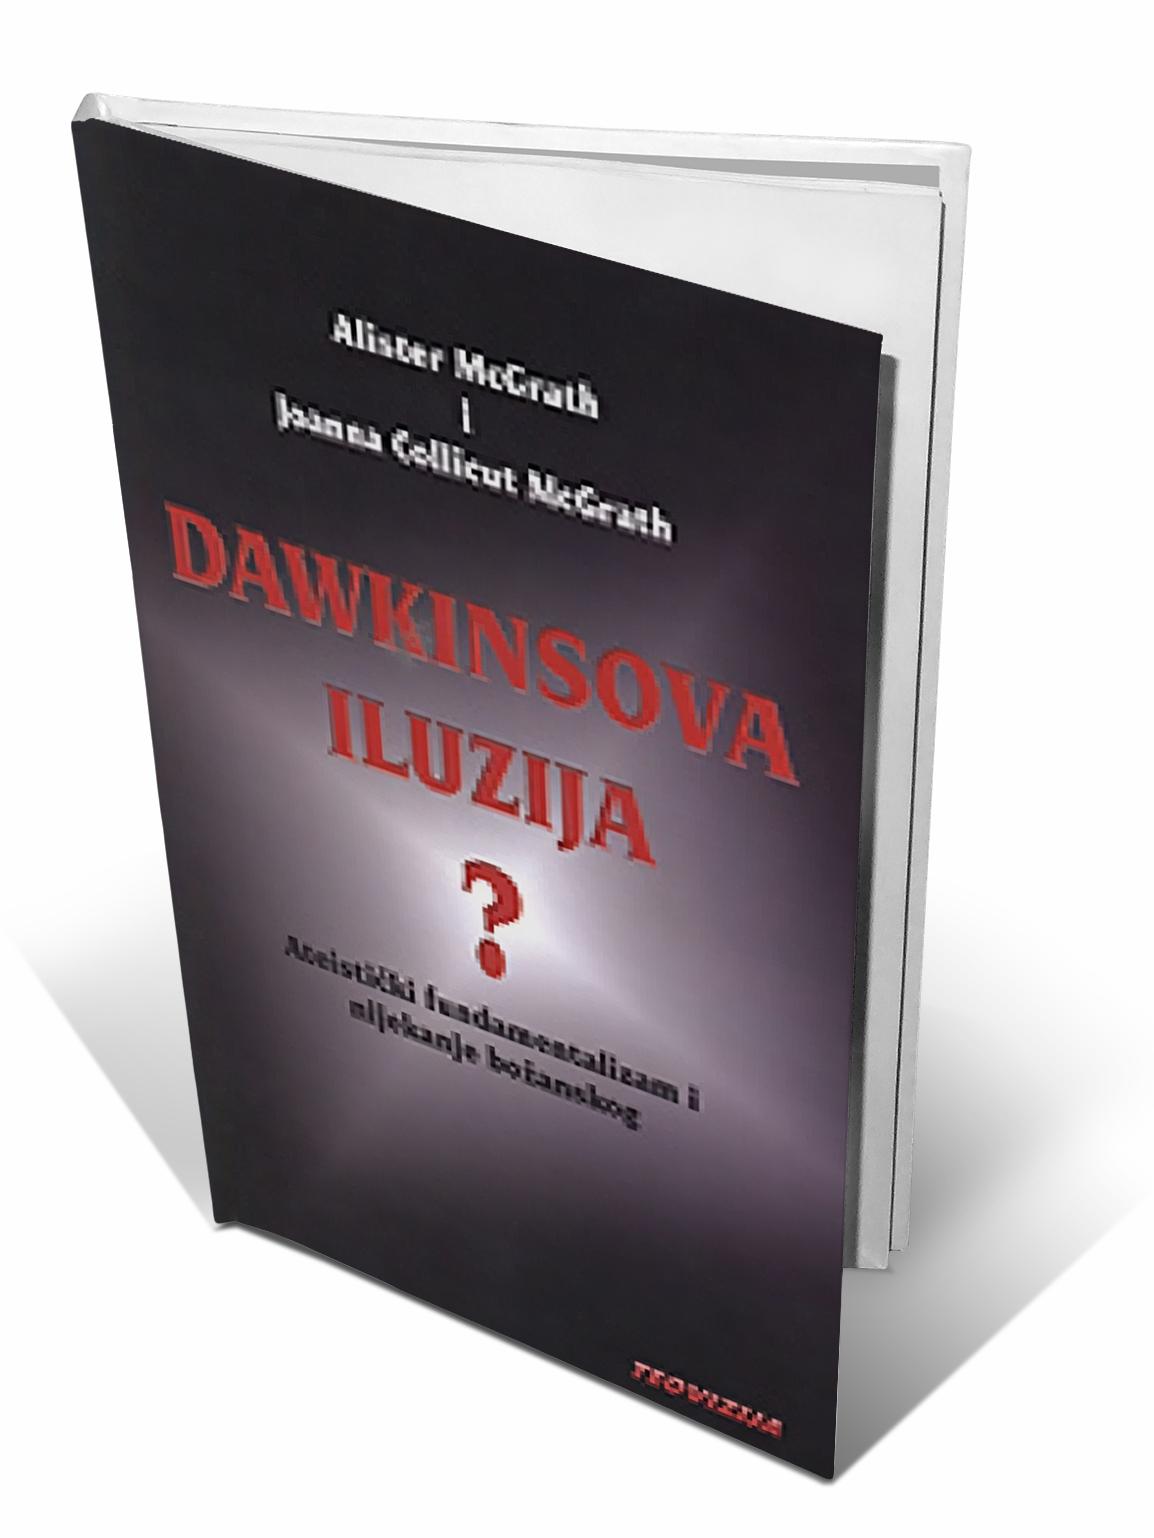 DAWKINSOVA ILUZIJA - Alister McGrath I i Joanna Collicu